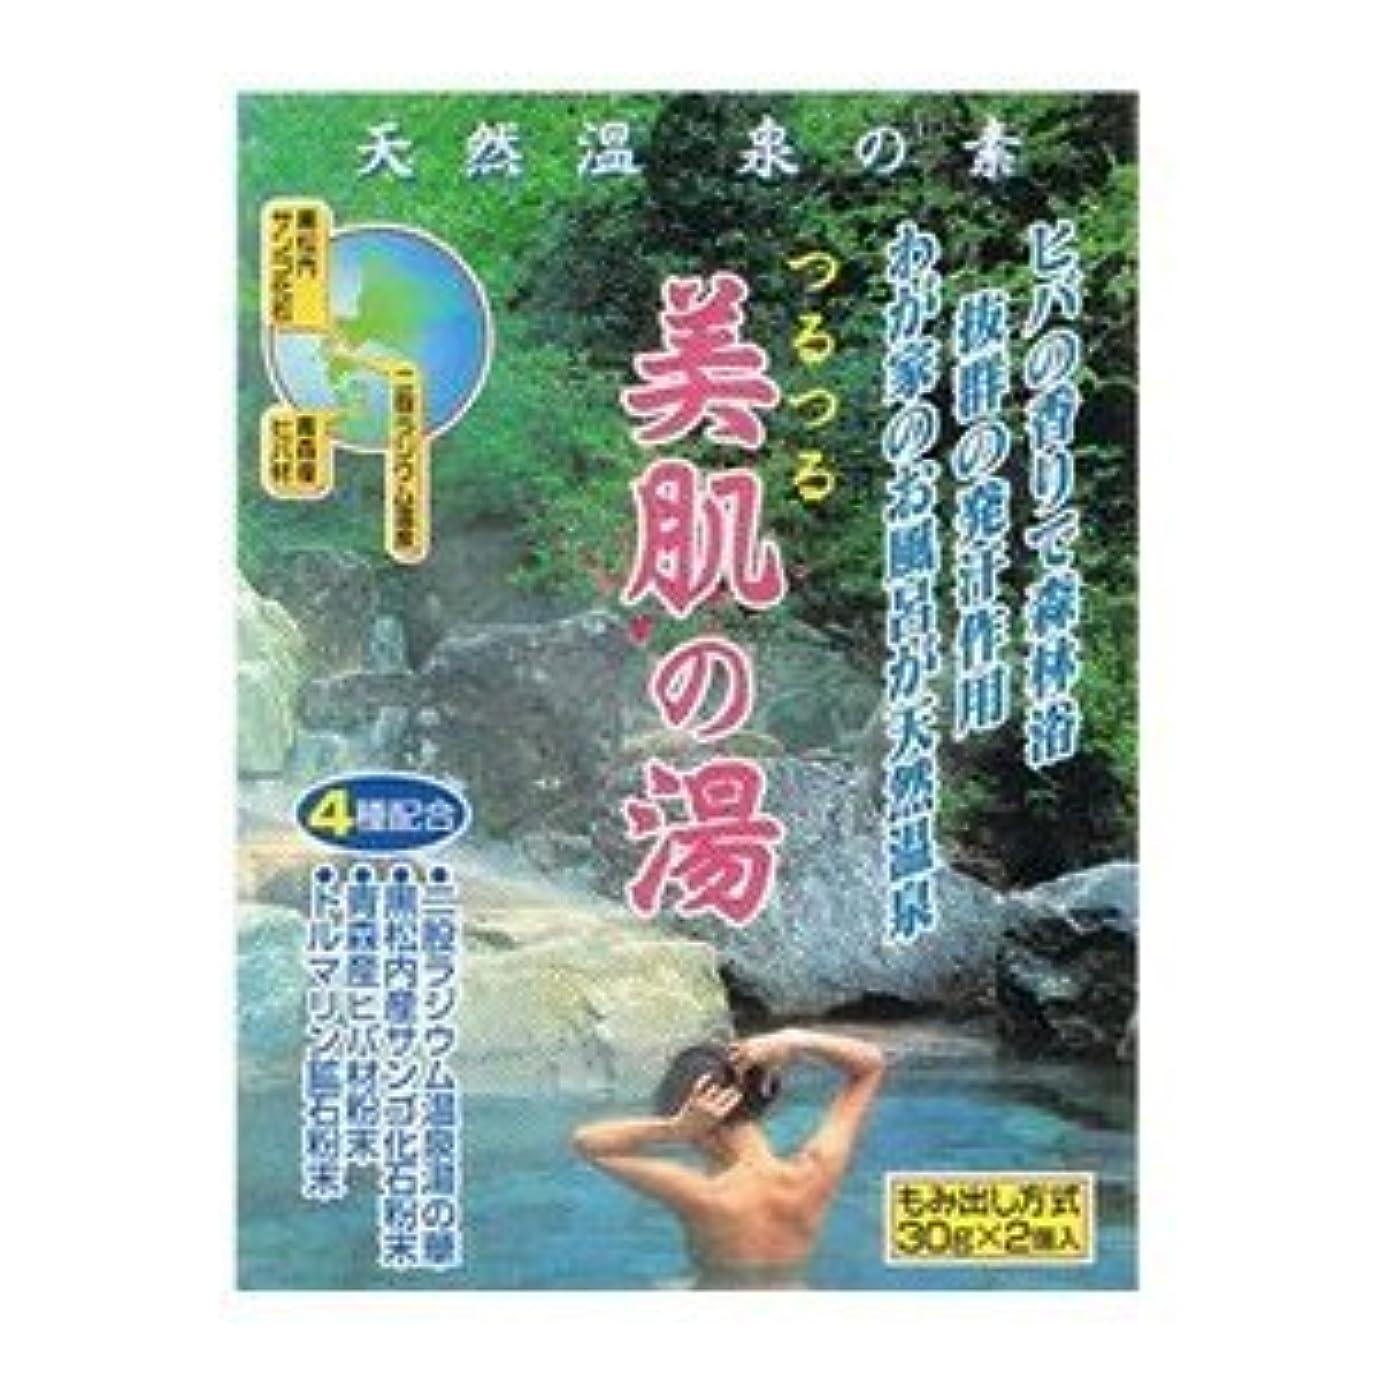 打撃クックパッケージ天然温泉の素 美肌の湯 (30g×2個入)×18袋セット